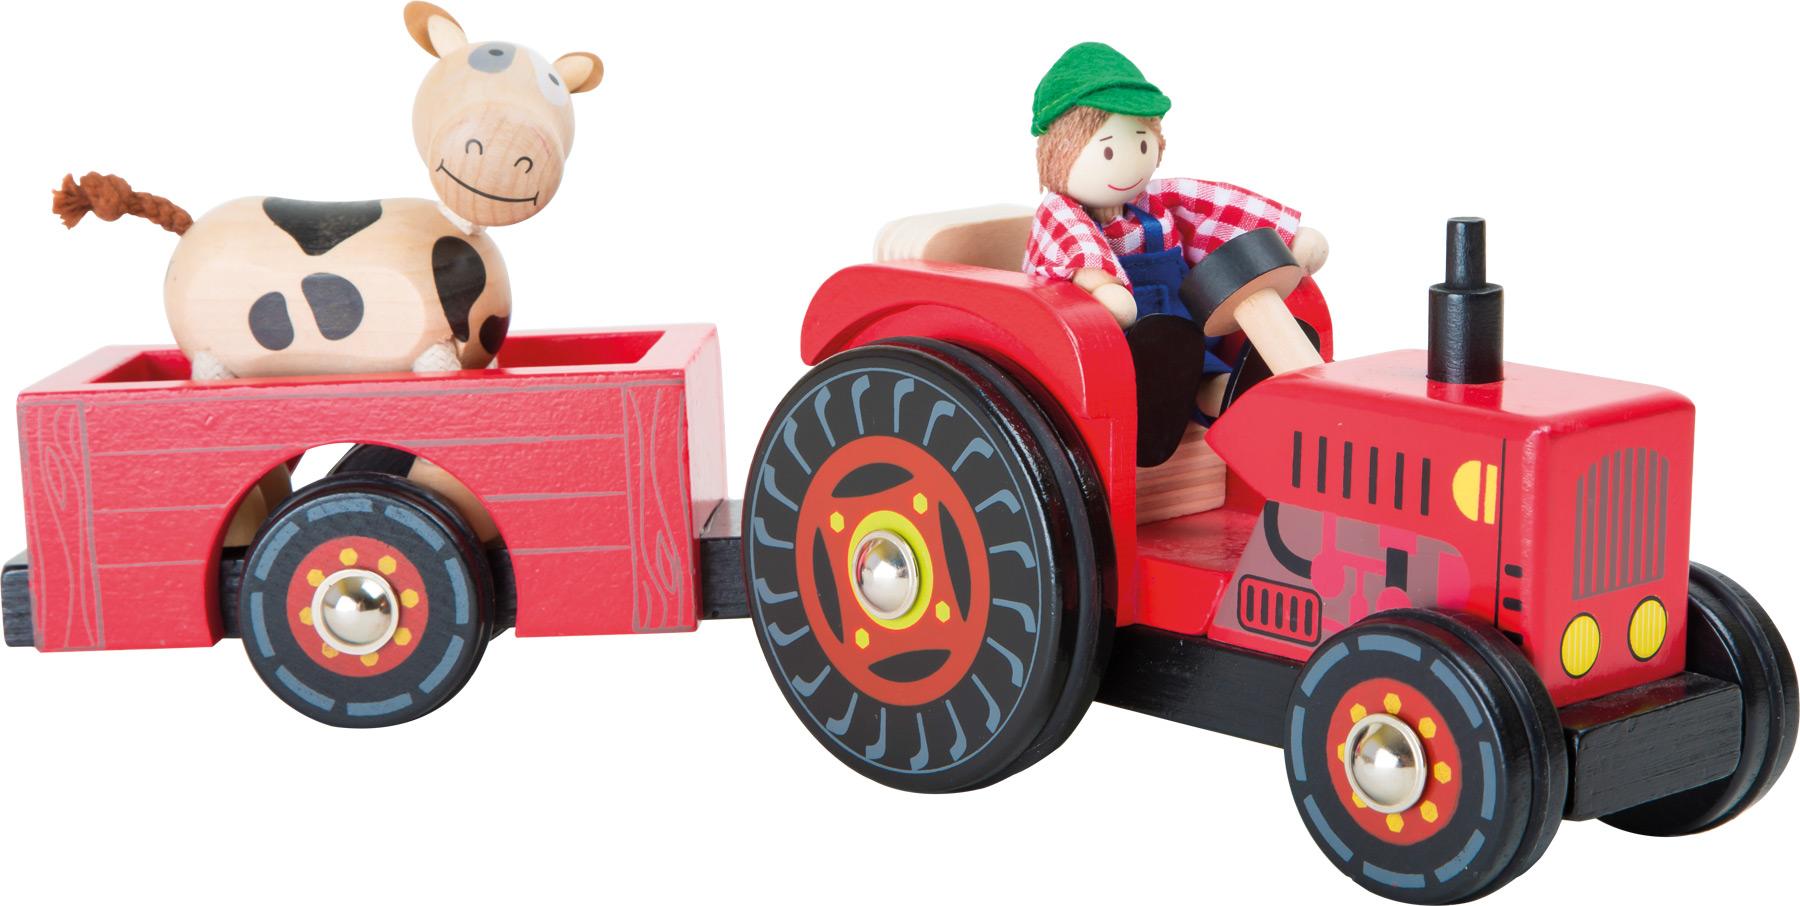 Traktor Spiele Mit Anhänger